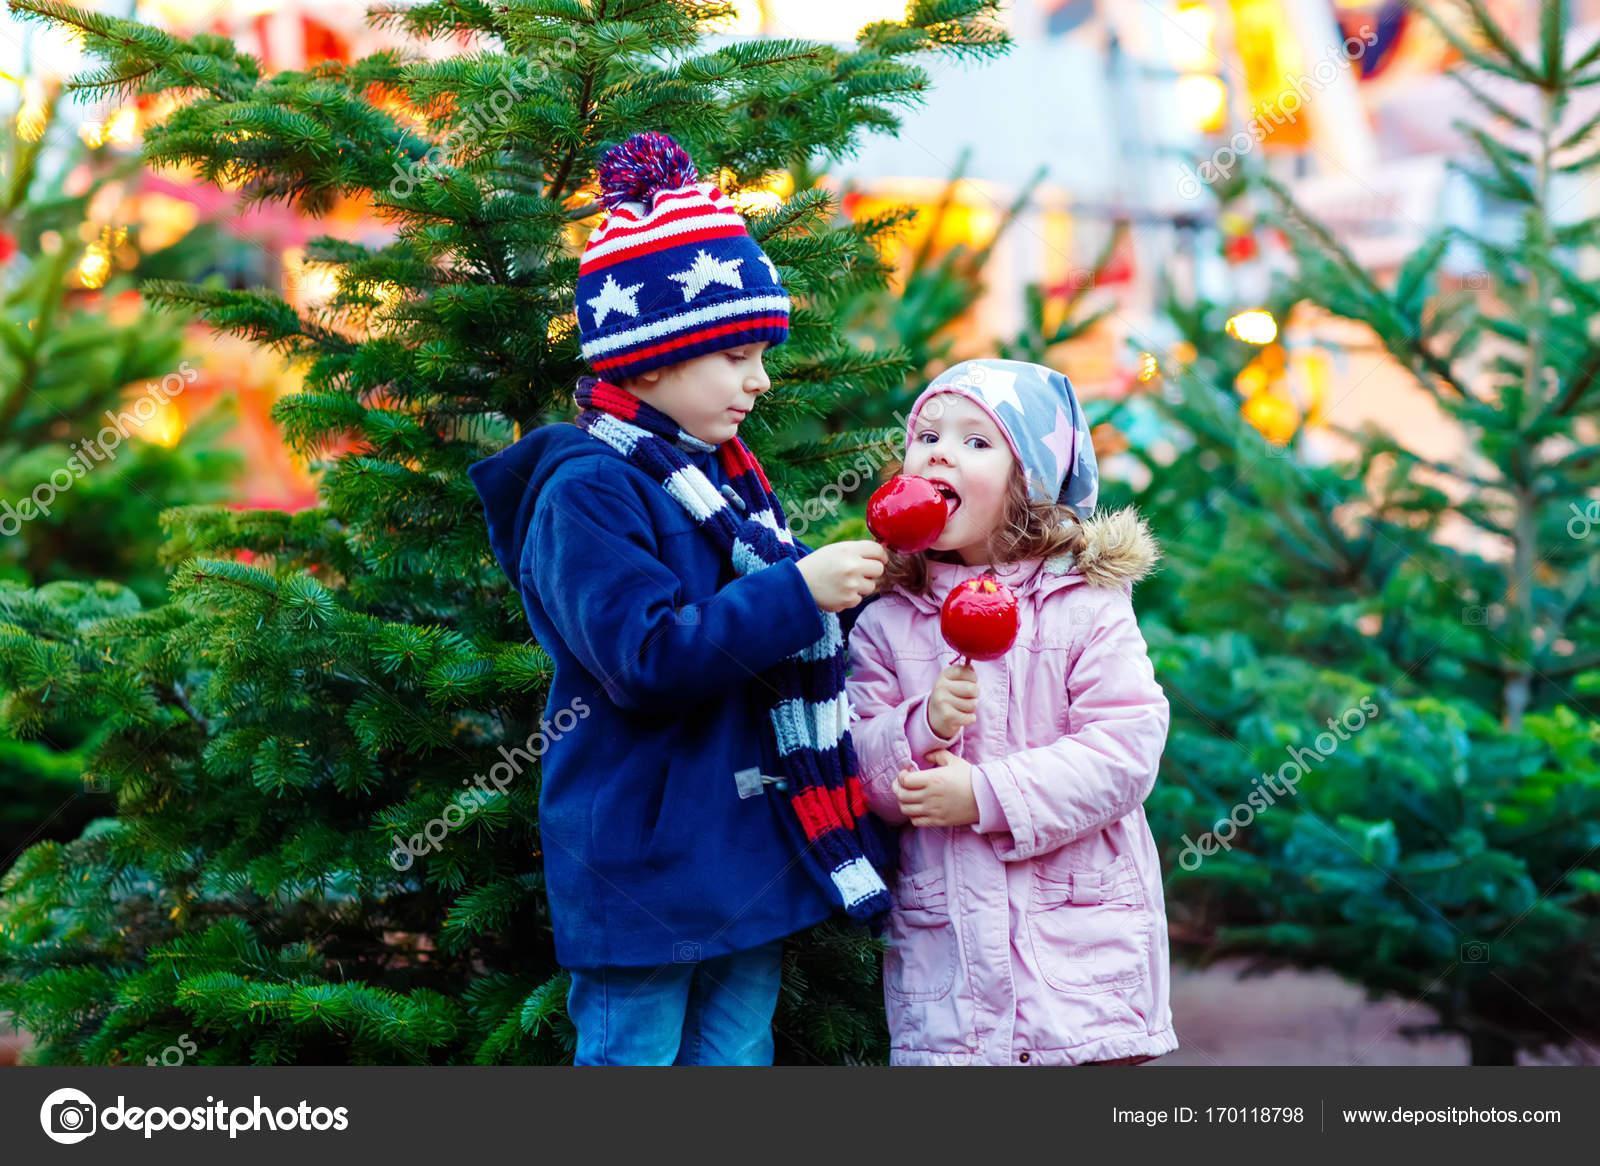 Essen Weihnachtsmarkt.Zwei Kinder Kleine Essen Zucker Apfel Auf Weihnachtsmarkt